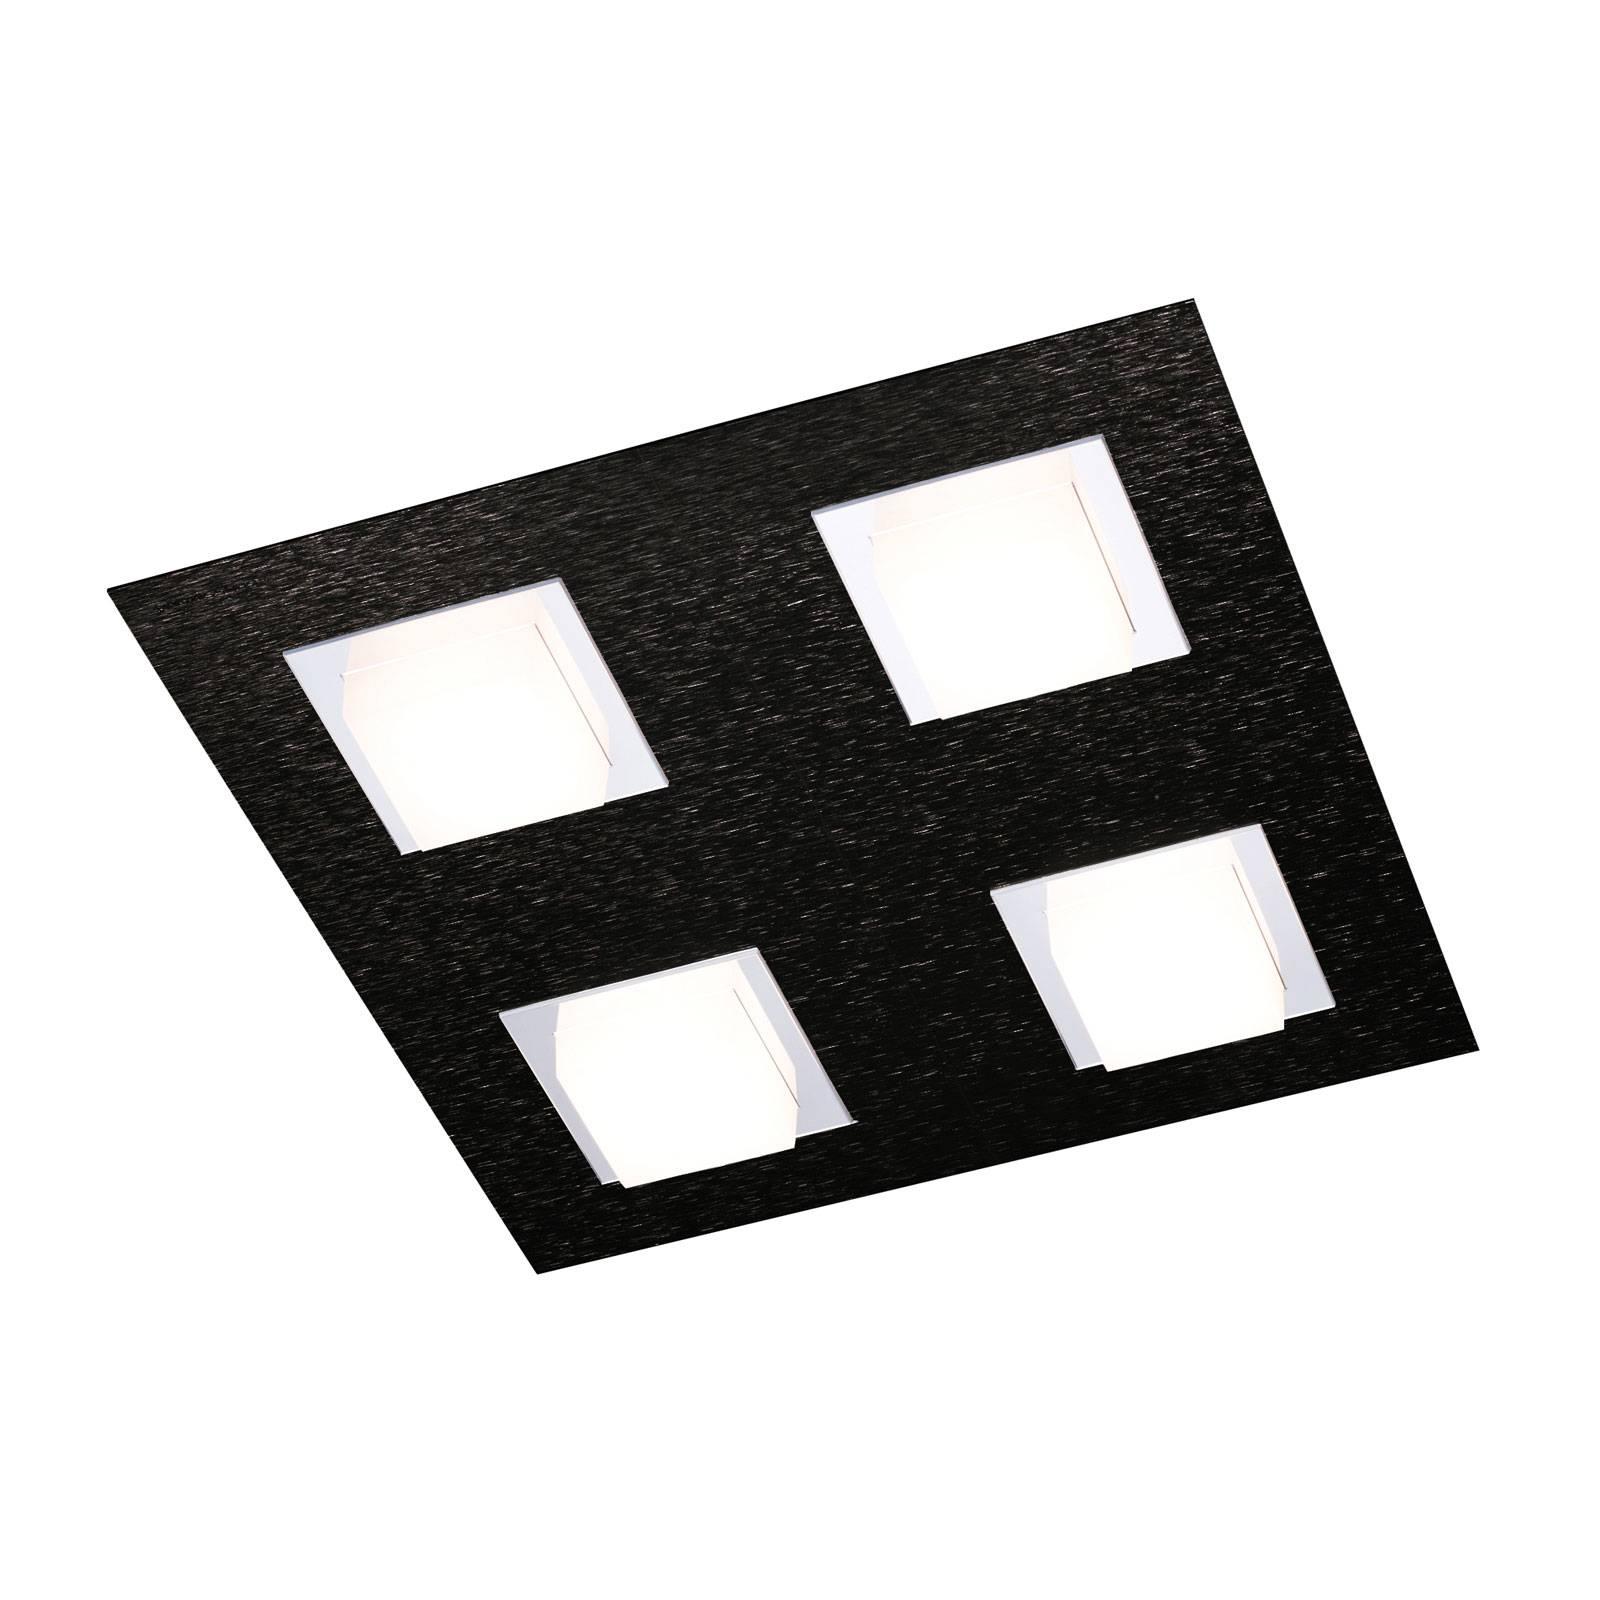 GROSSMANN Basic Deckenleuchte 4-flammig schwarz